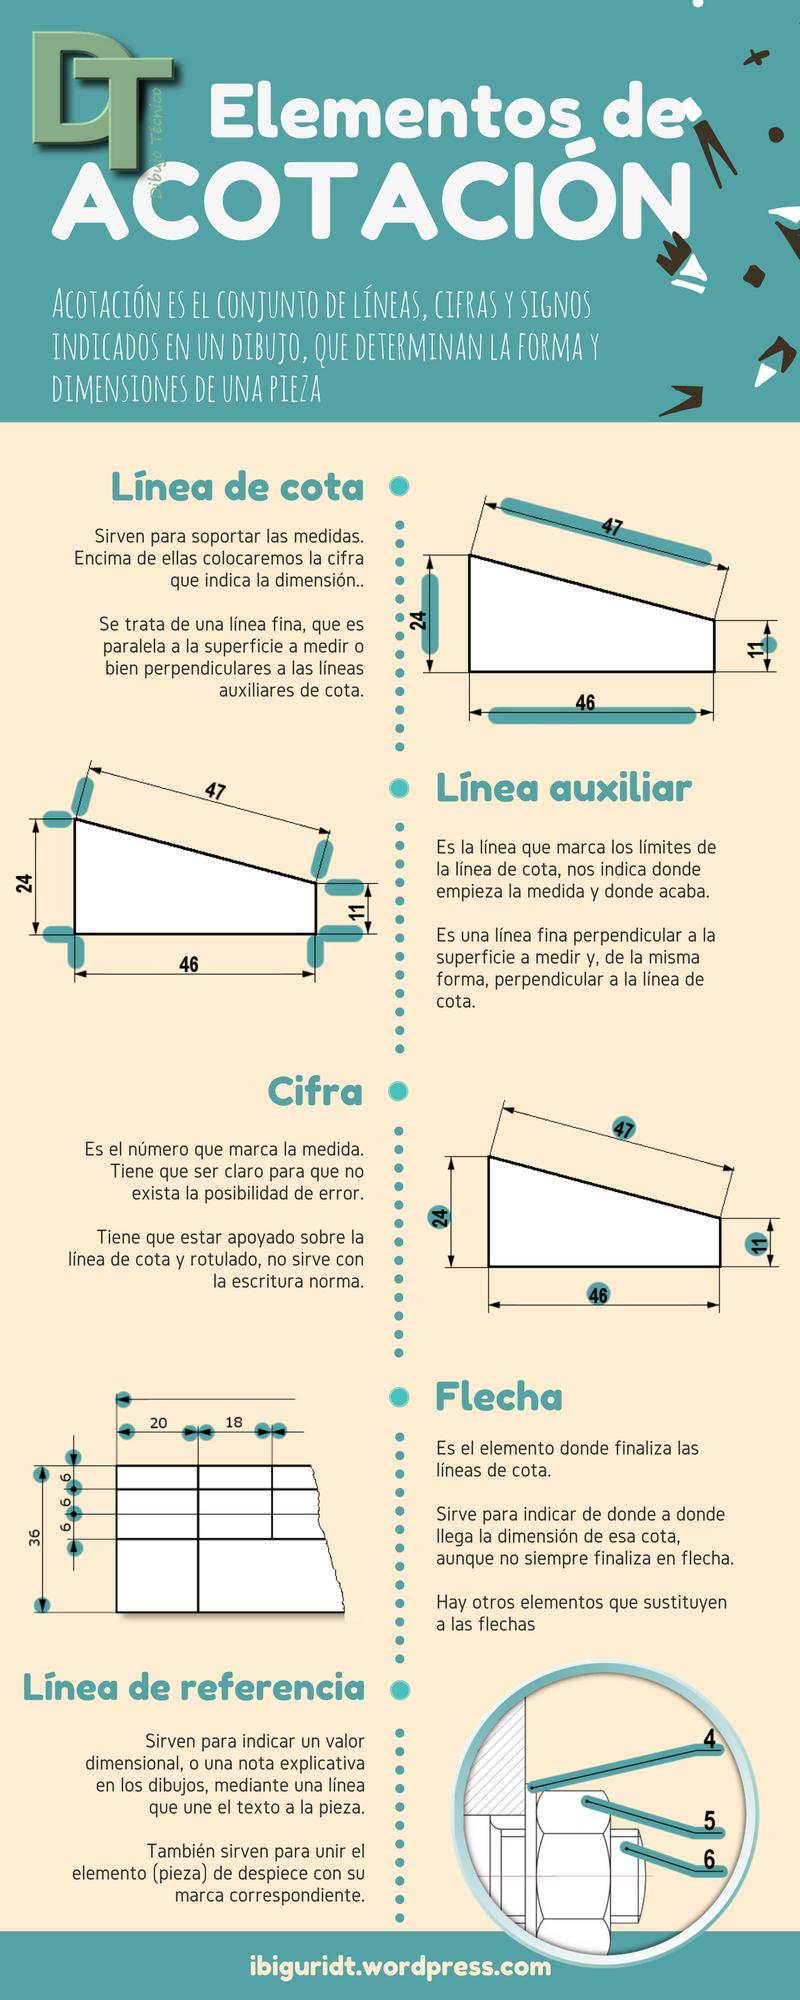 Infografía: Elementos de acotación